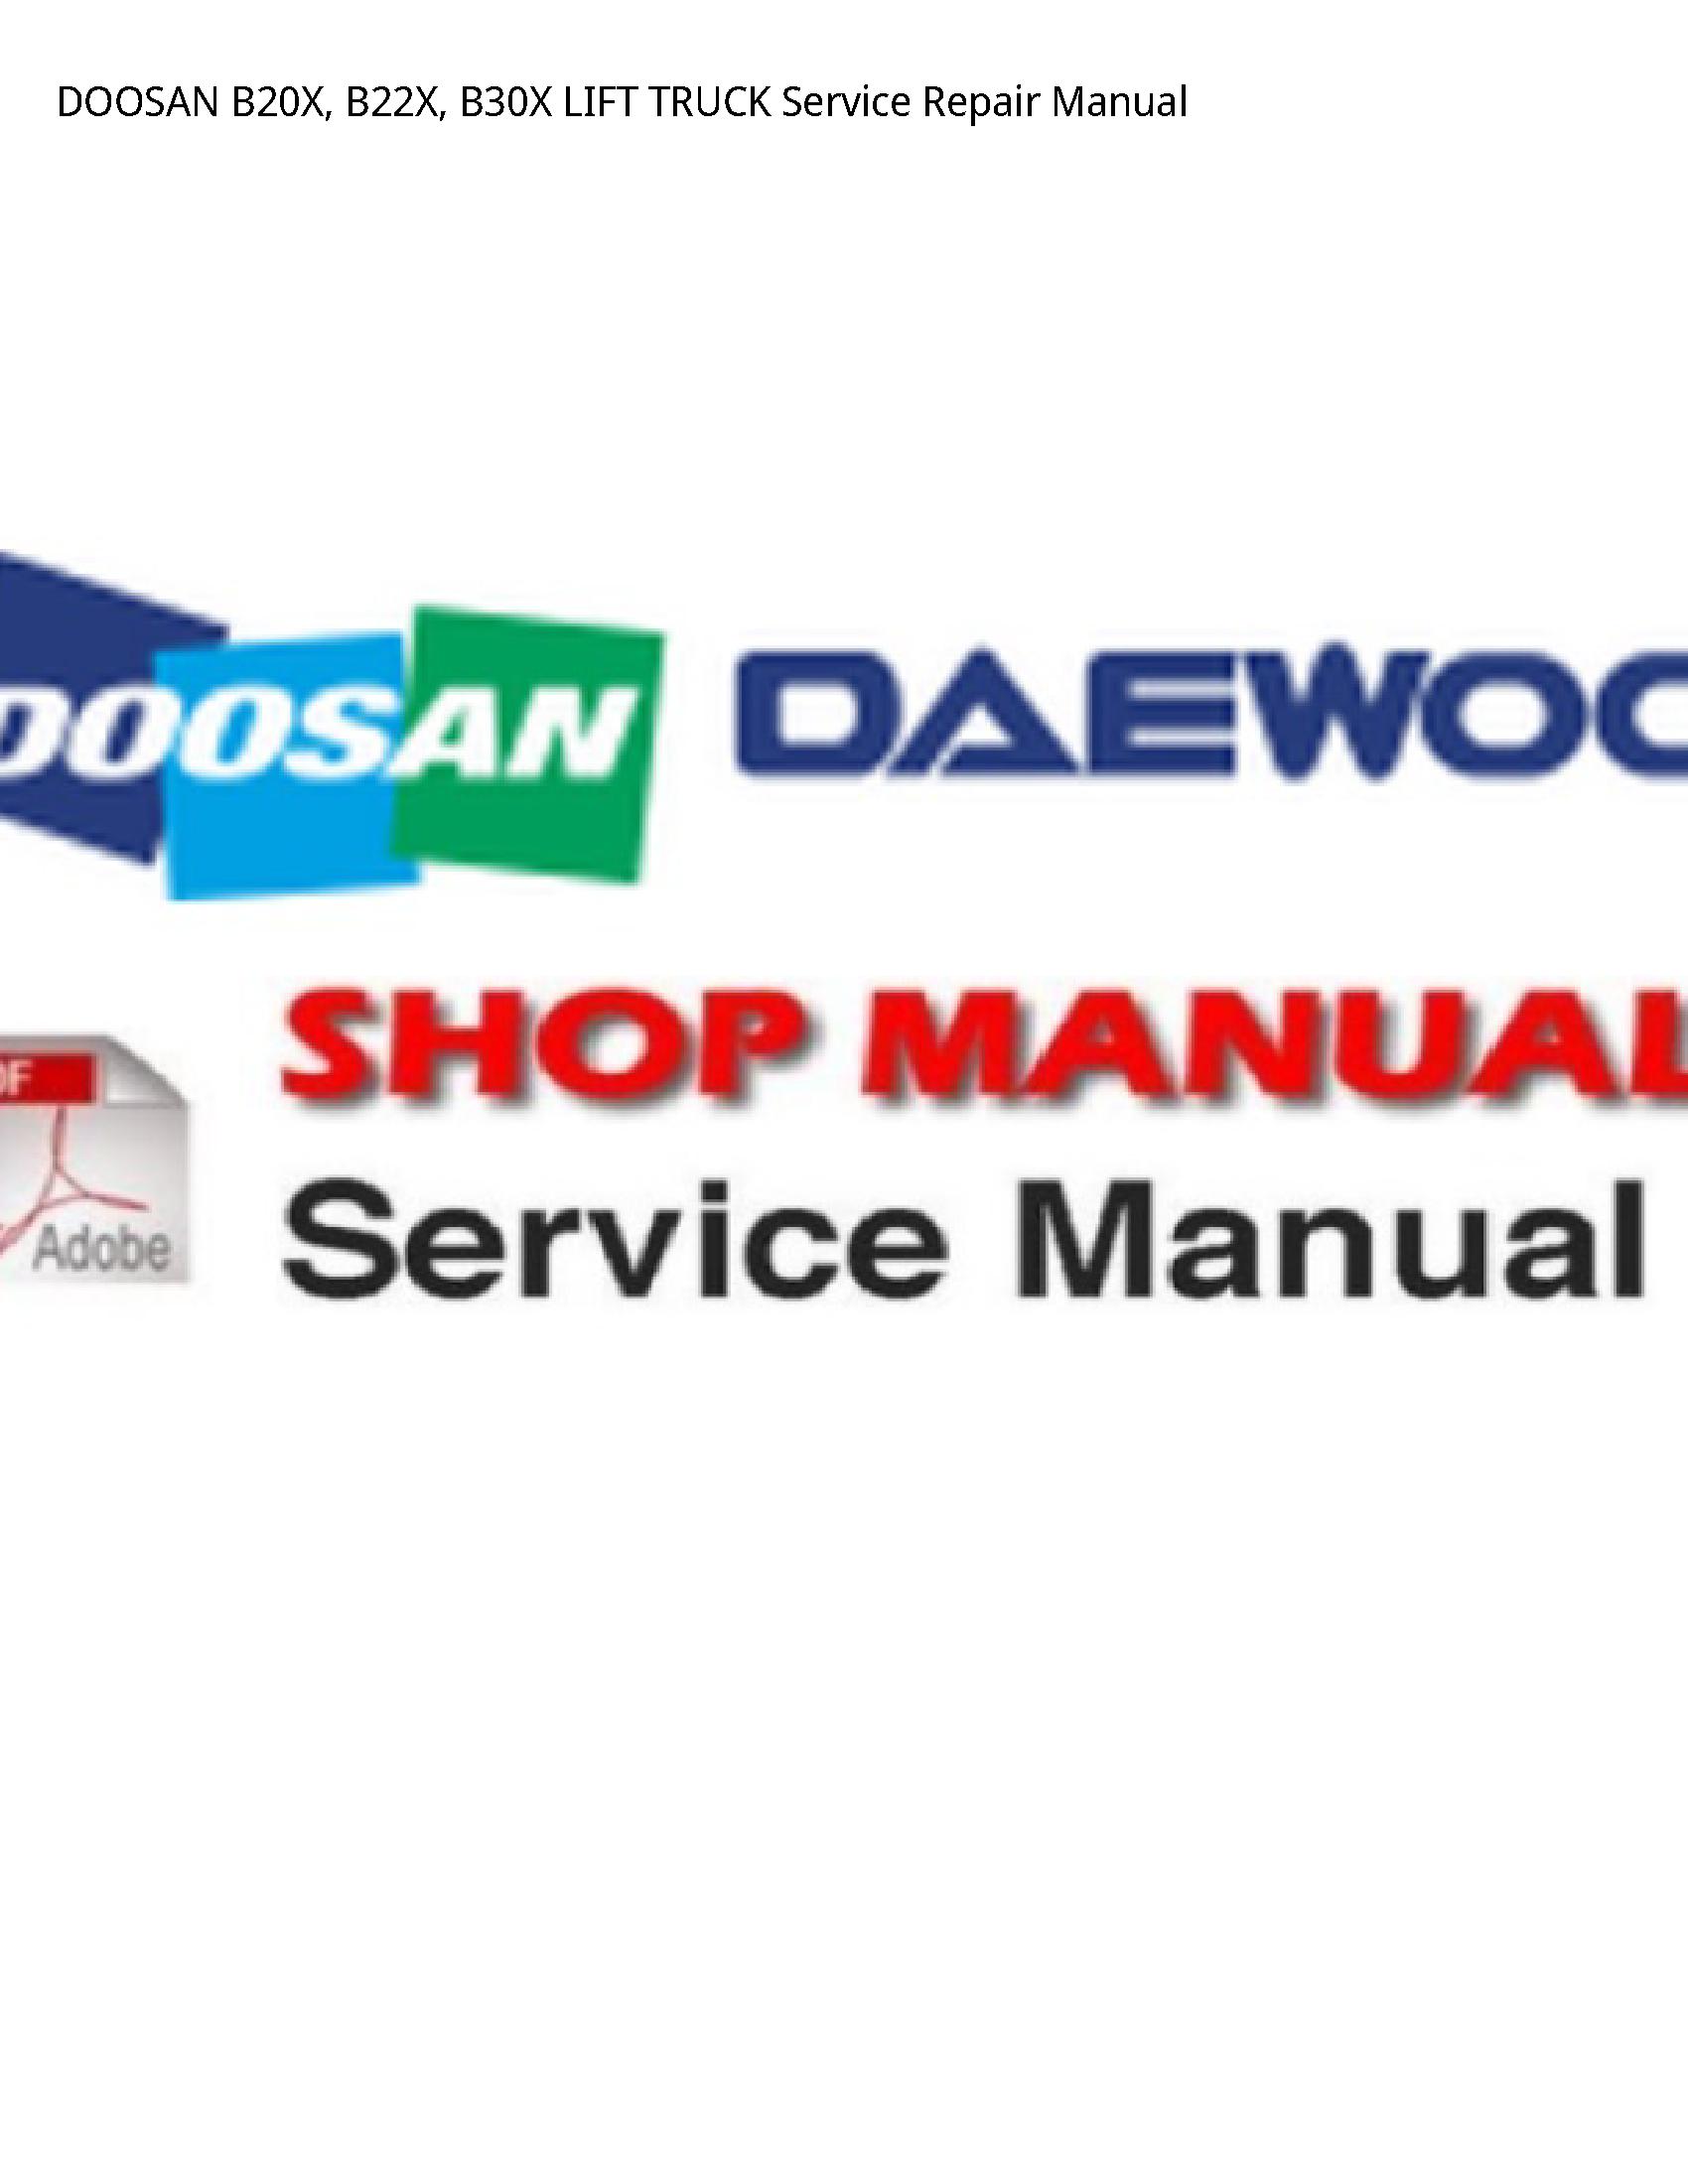 Doosan B20X LIFT TRUCK manual